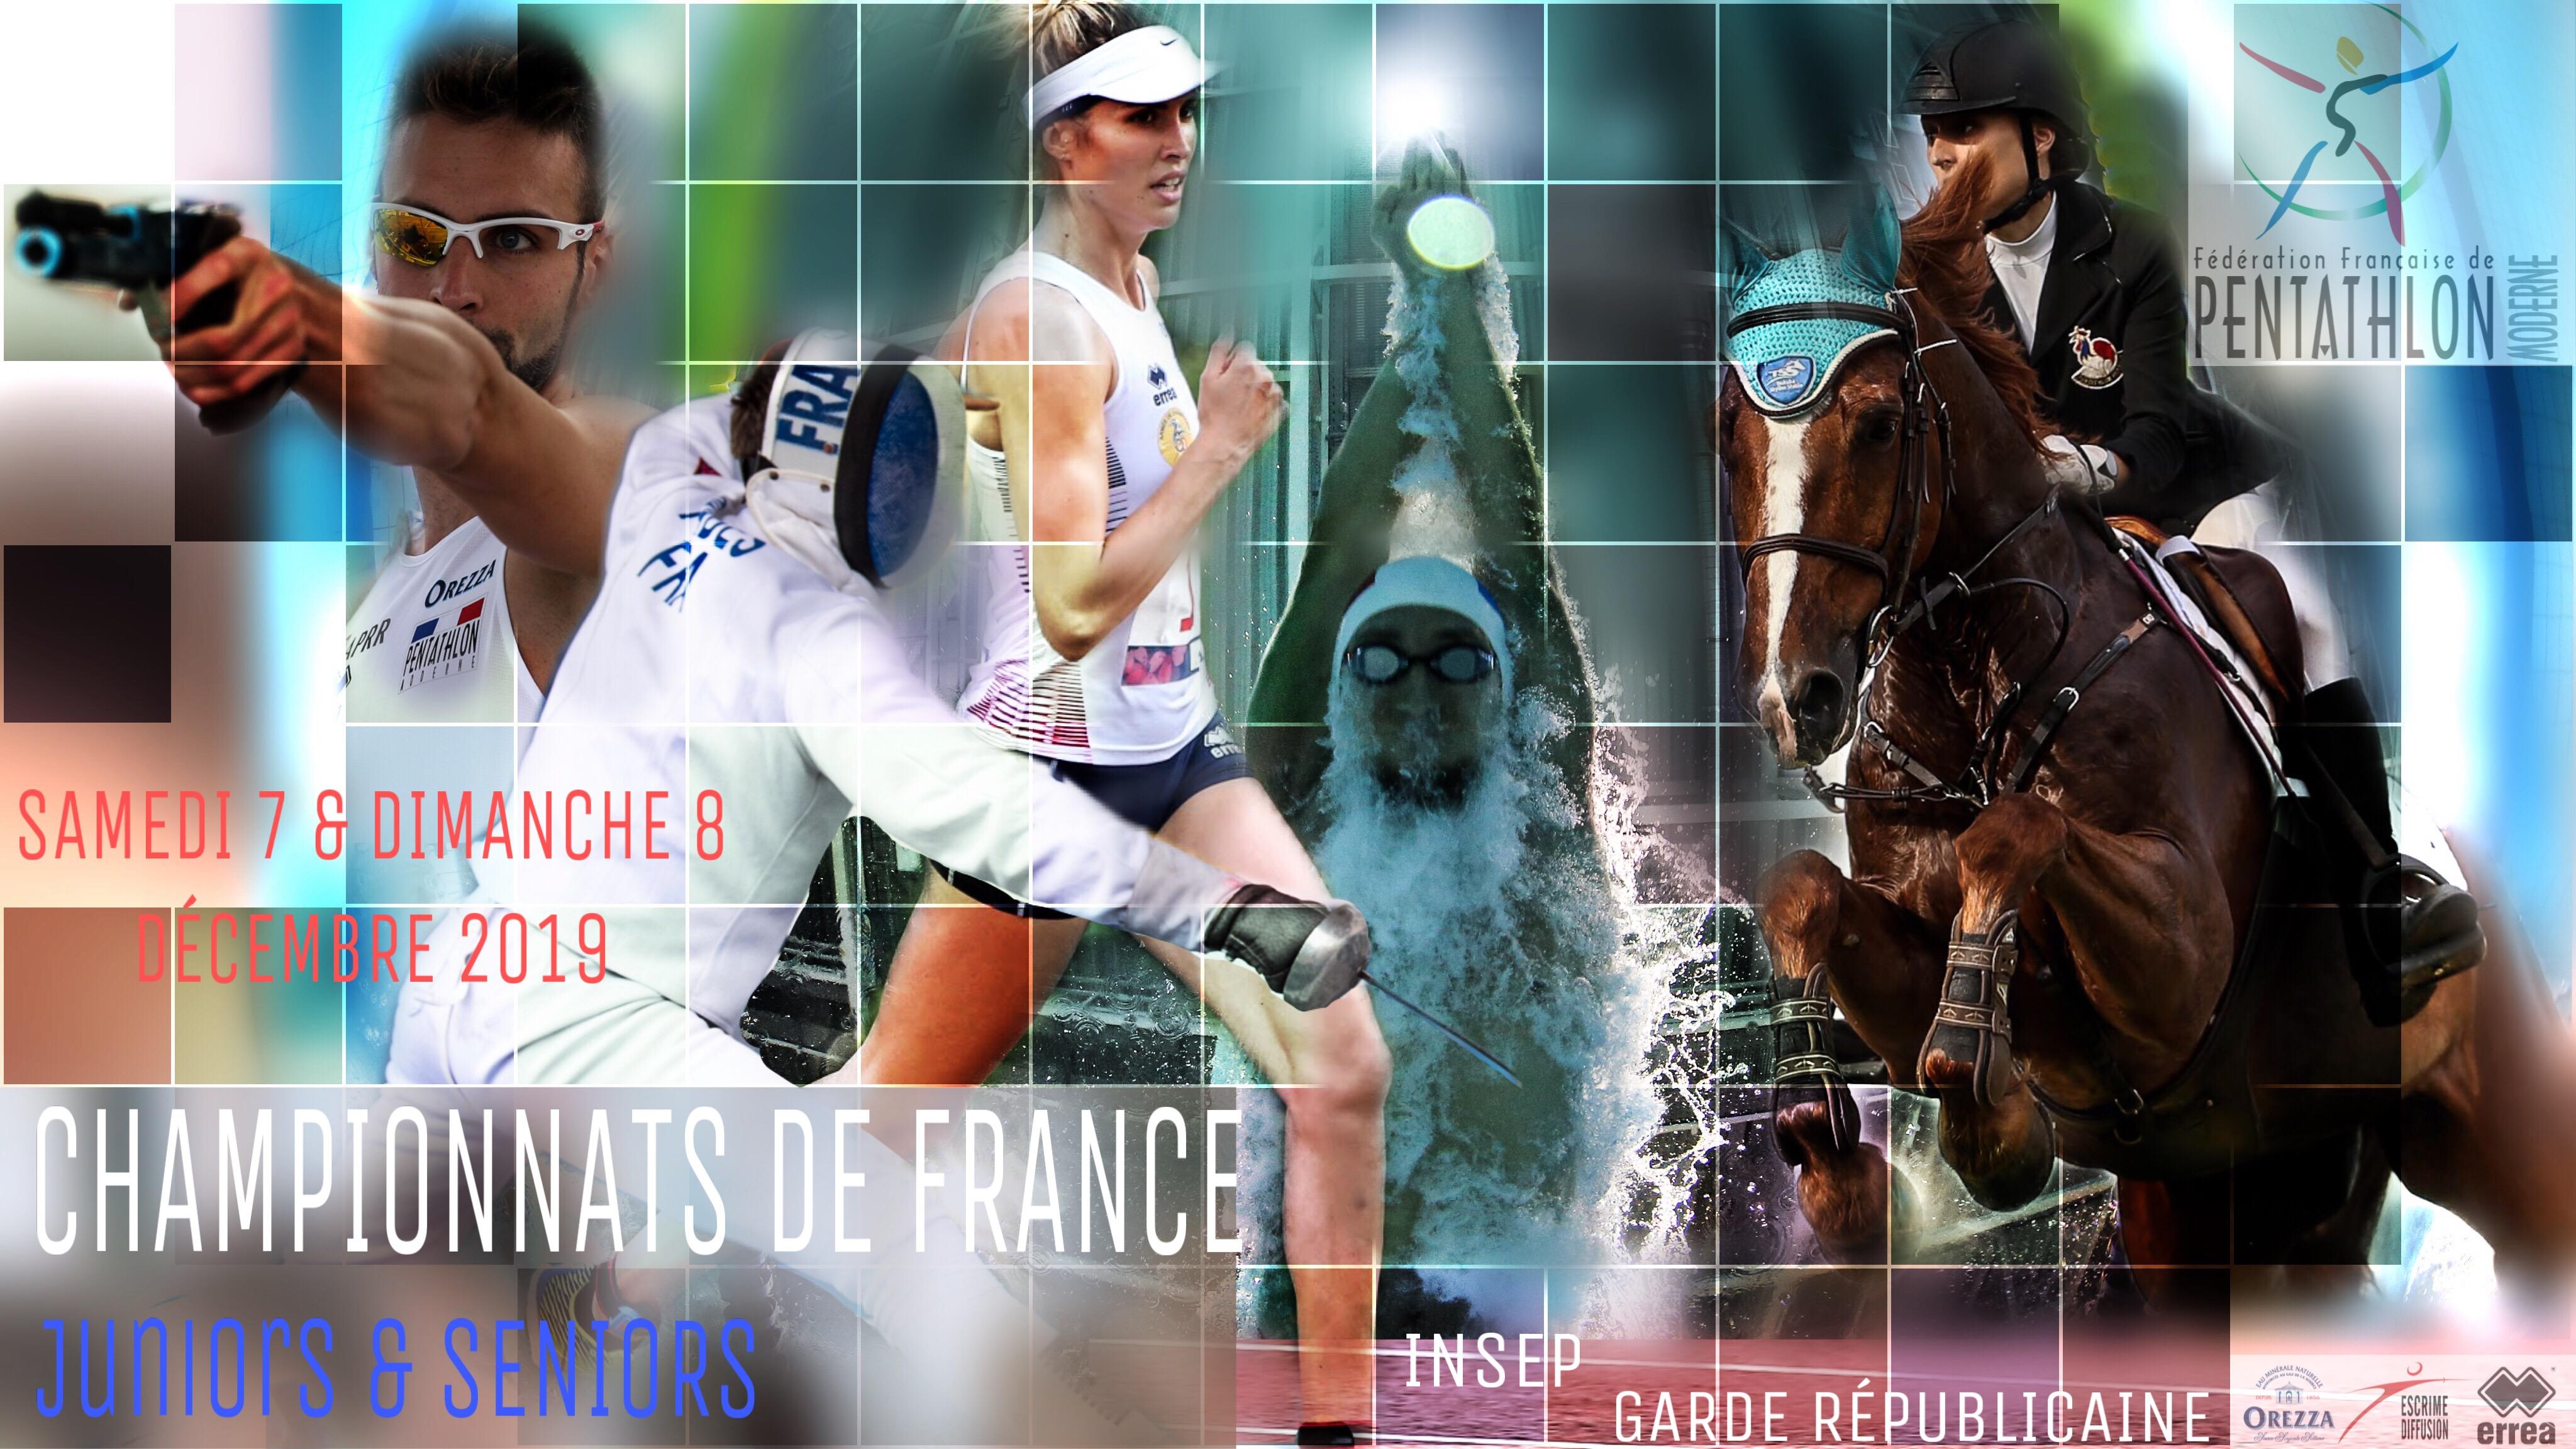 Championnats de France de Pentathlon Moderne